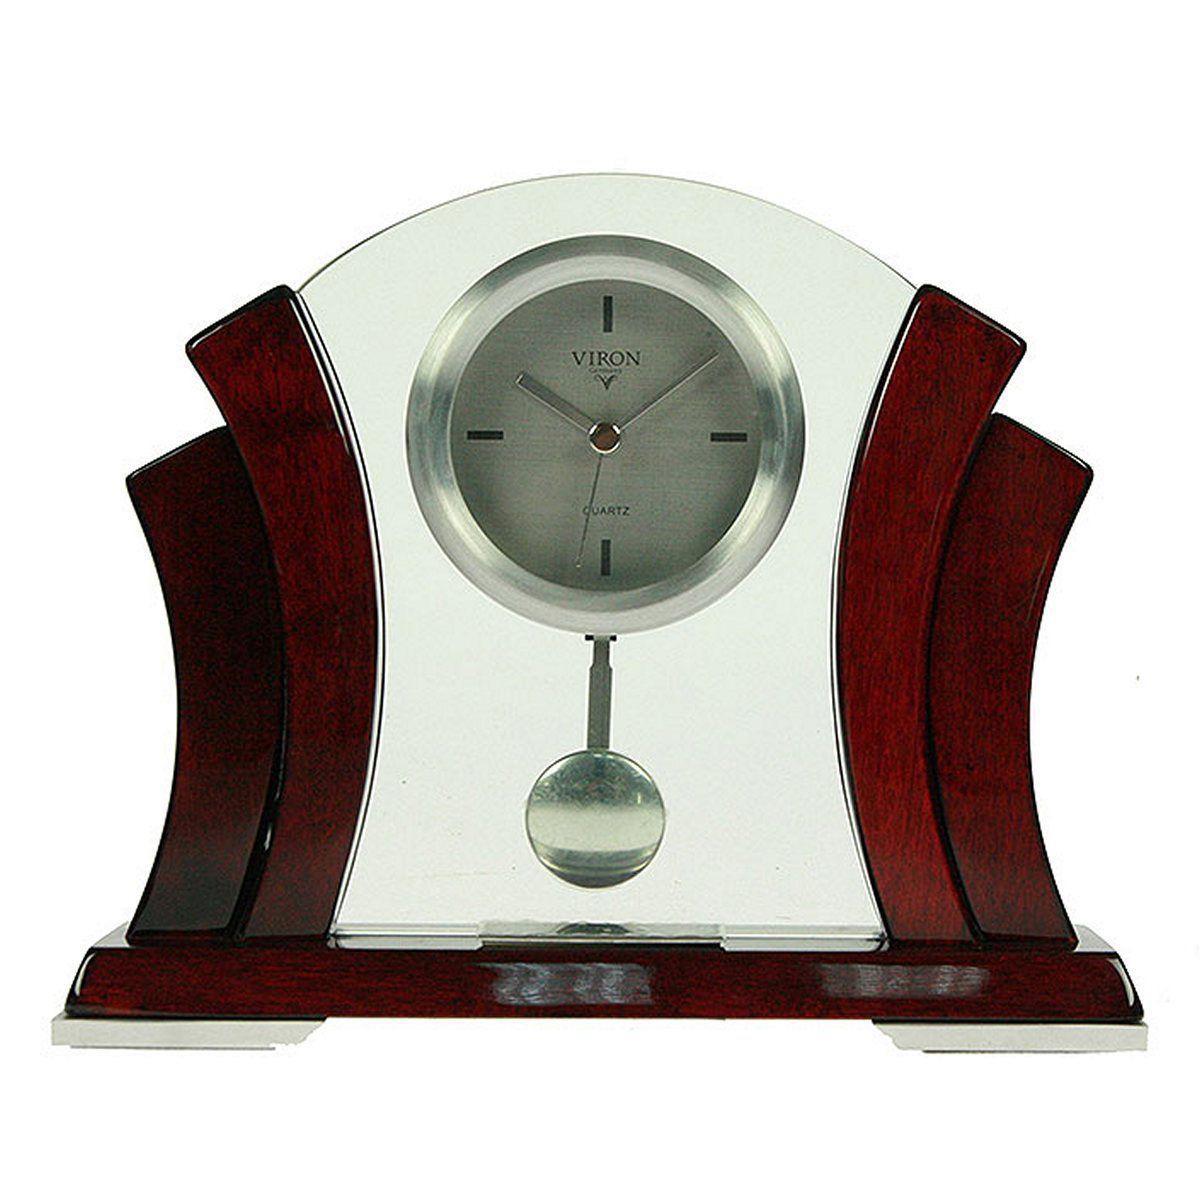 Часы настольные Русские Подарки Viron. 2825628256Настольные кварцевые часы Русские Подарки Viron изготовлены из металла и дерева, циферблат защищен стеклом. Часы имеют три стрелки - часовую, минутную и секундную. Часы оснащены маятником. Такие часы красиво и необычно оформят интерьер дома или рабочий стол в офисе. Также часы могут стать уникальным, полезным подарком для родственников, коллег, знакомых и близких.